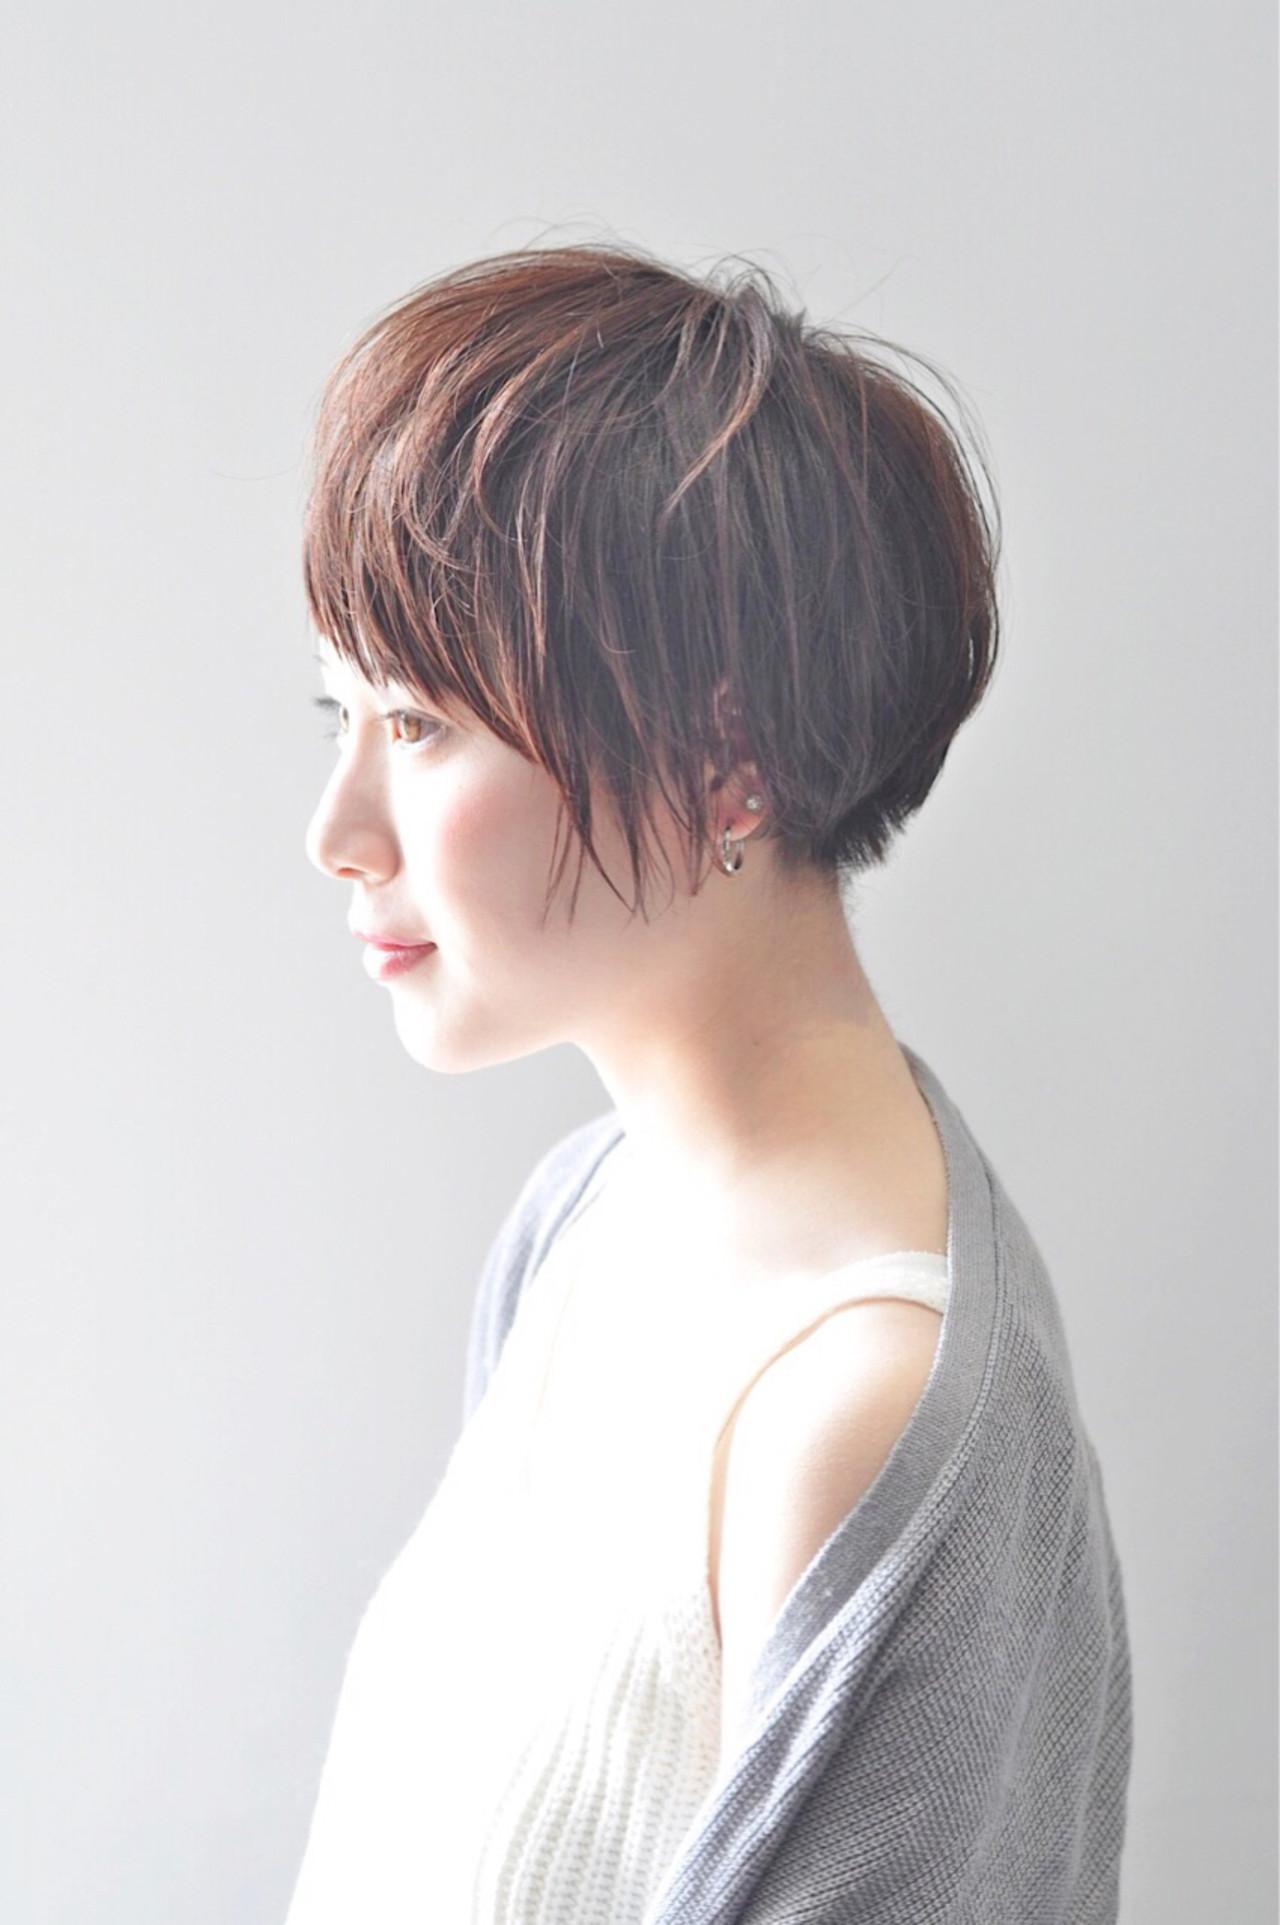 アッシュ パーマ ナチュラル 前髪あり ヘアスタイルや髪型の写真・画像